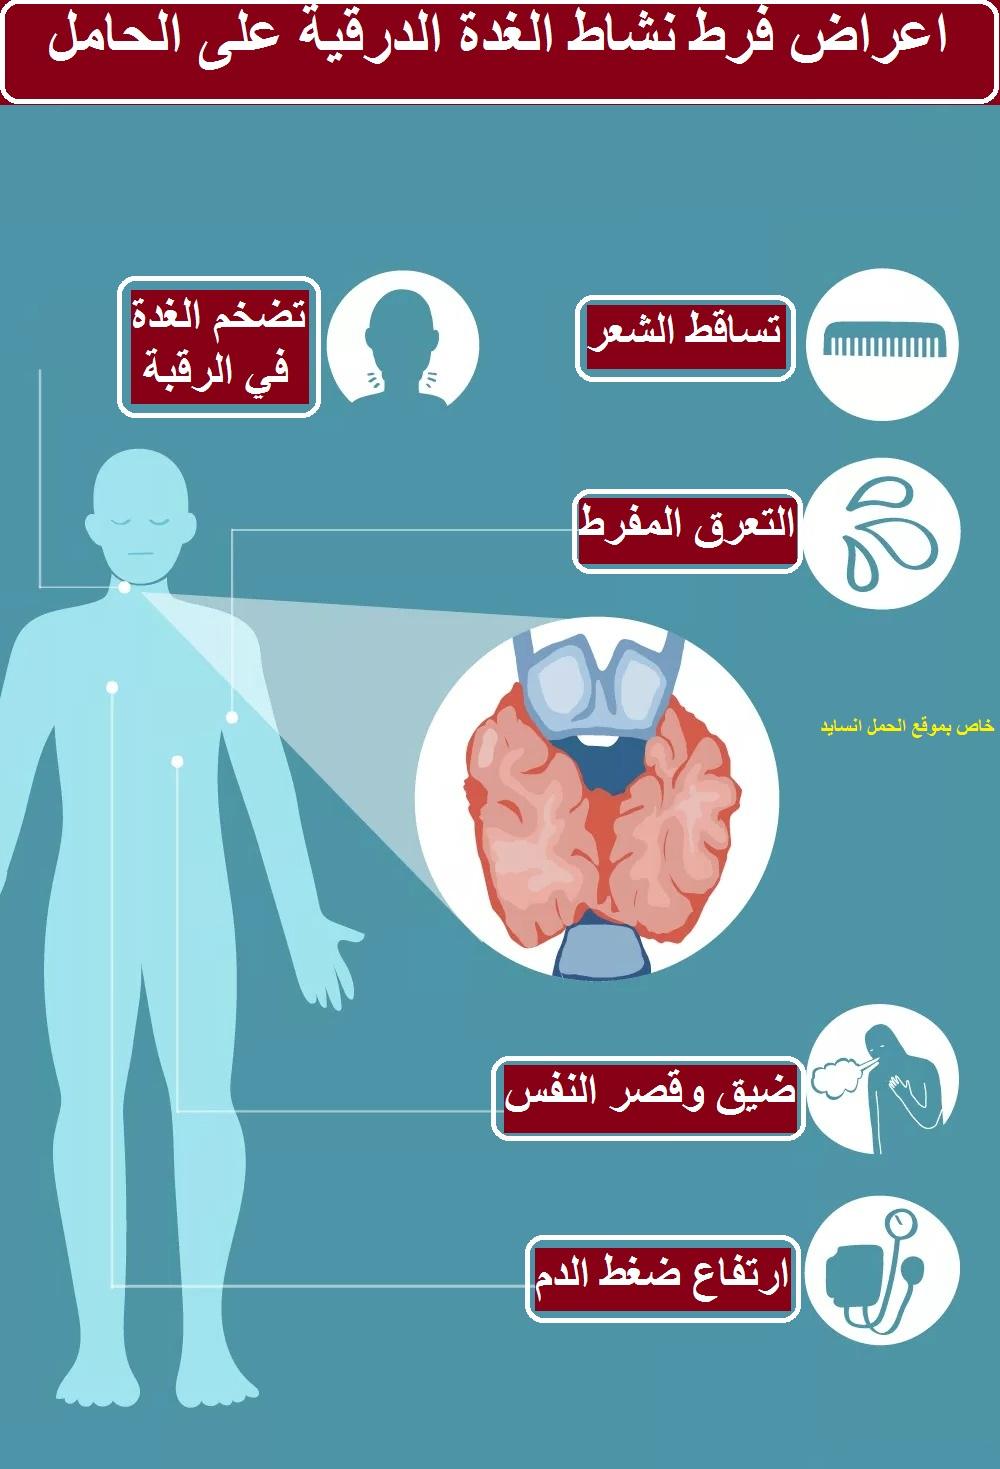 الأعراض